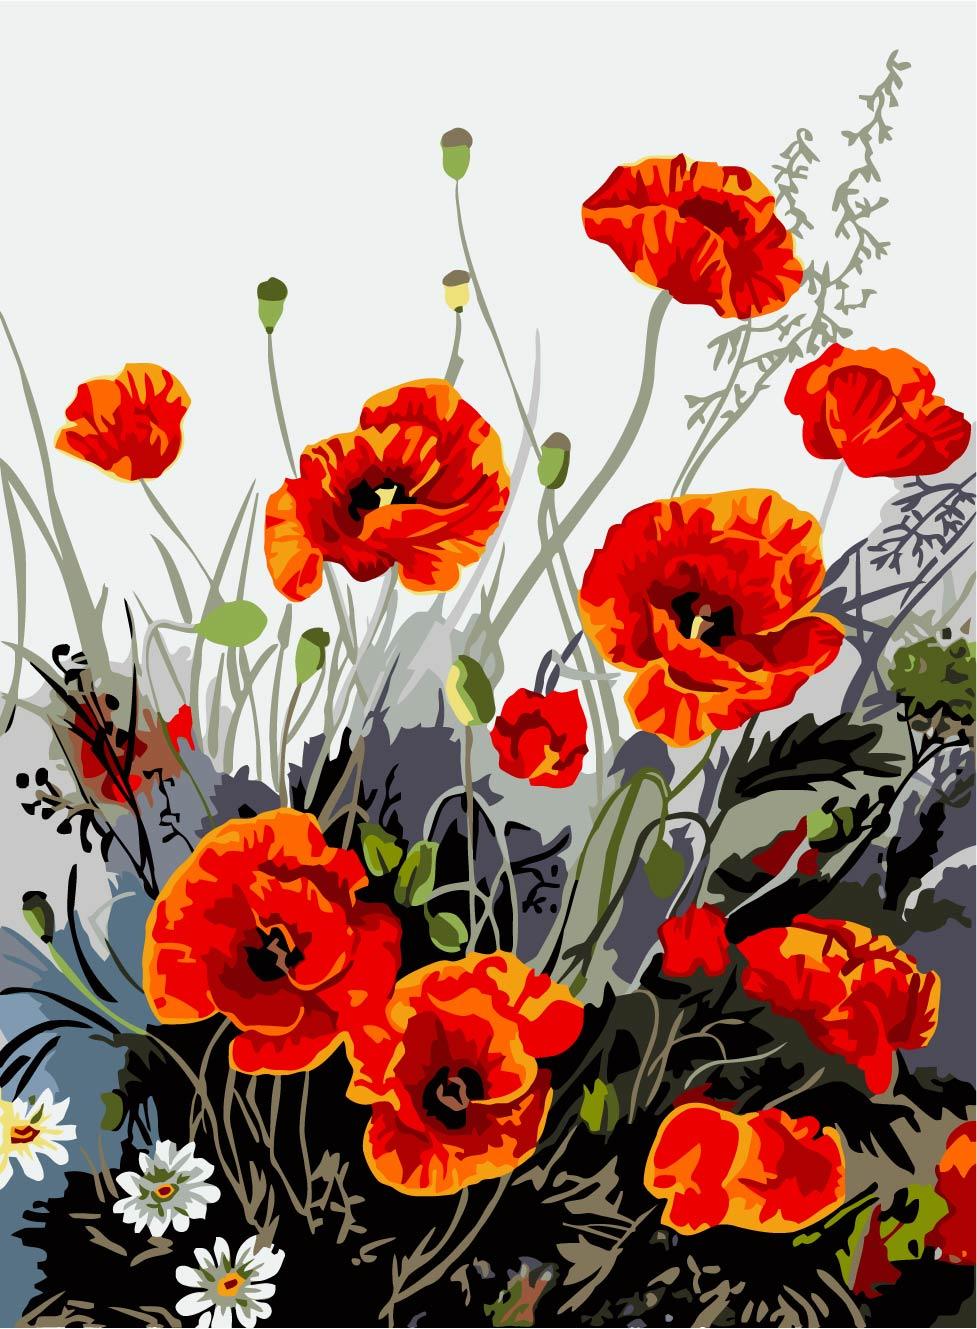 Drawn poppy real flower Kupuj Poppy Popularne drawing